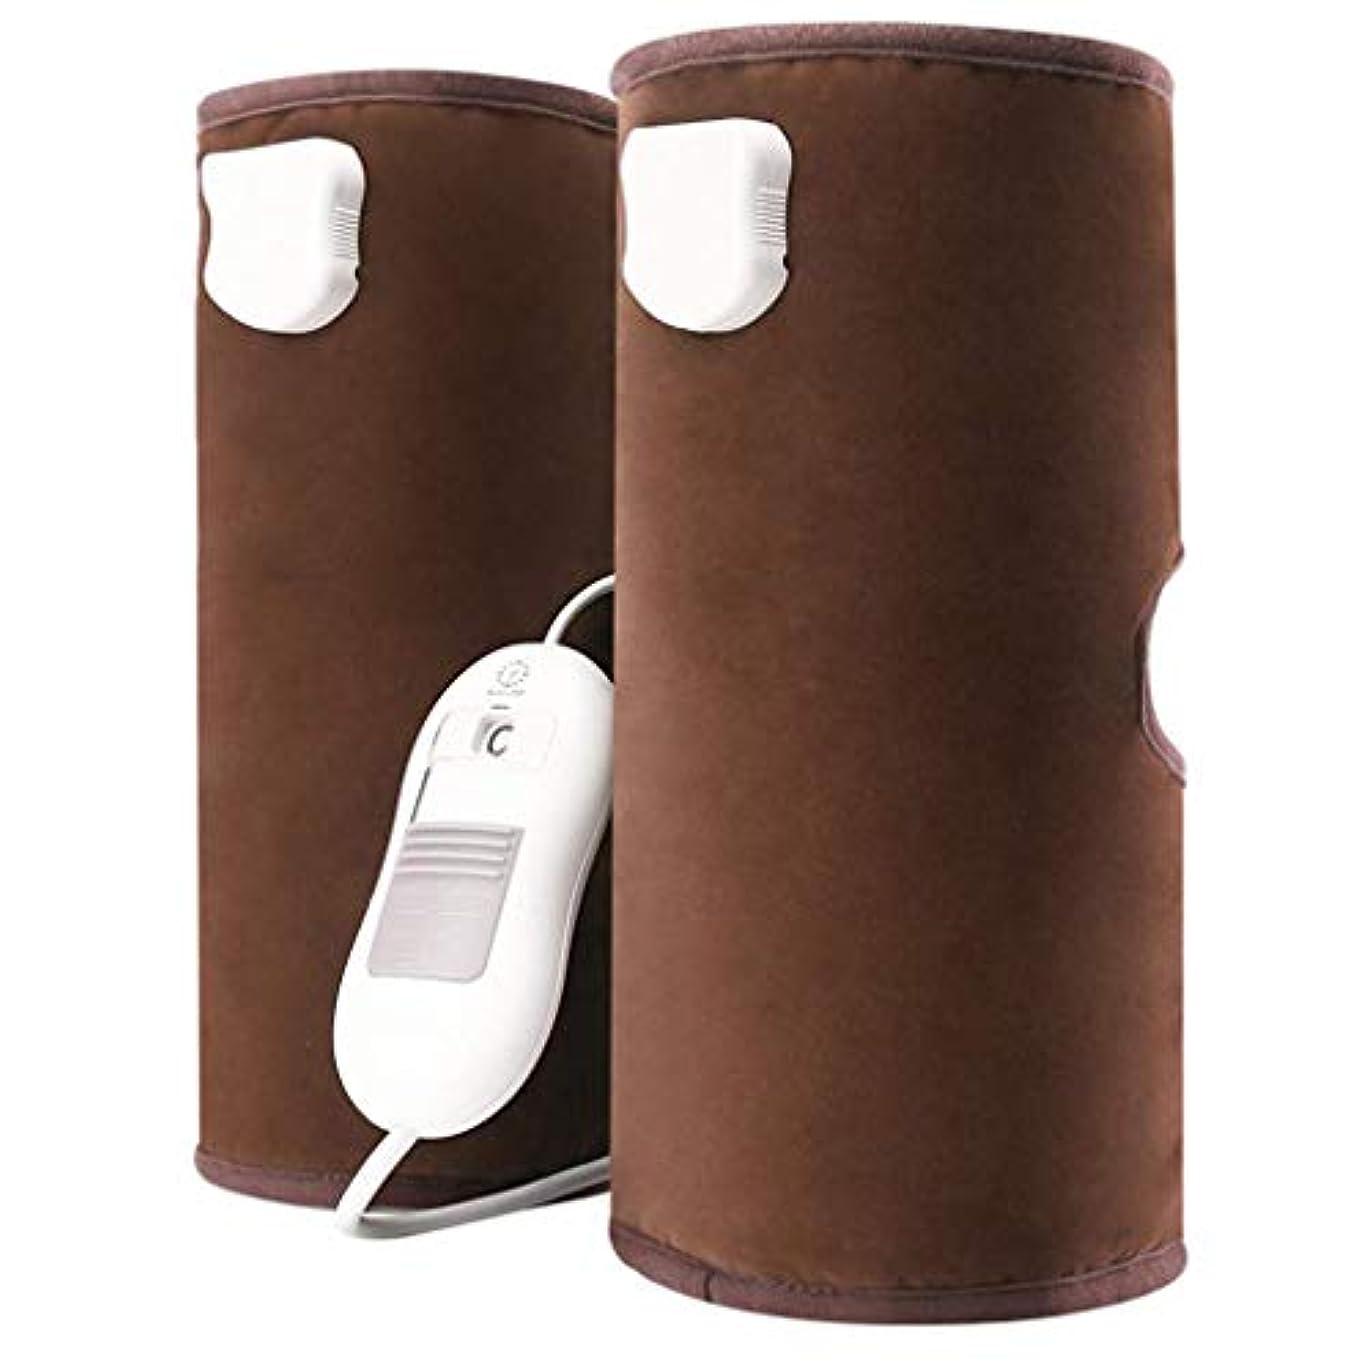 ジョブプレゼン降雨循環と筋肉の痛みを軽減するための電熱膝パッド空気圧縮脚マッサージ、(青、赤、茶色)父の日ギフト,Brown